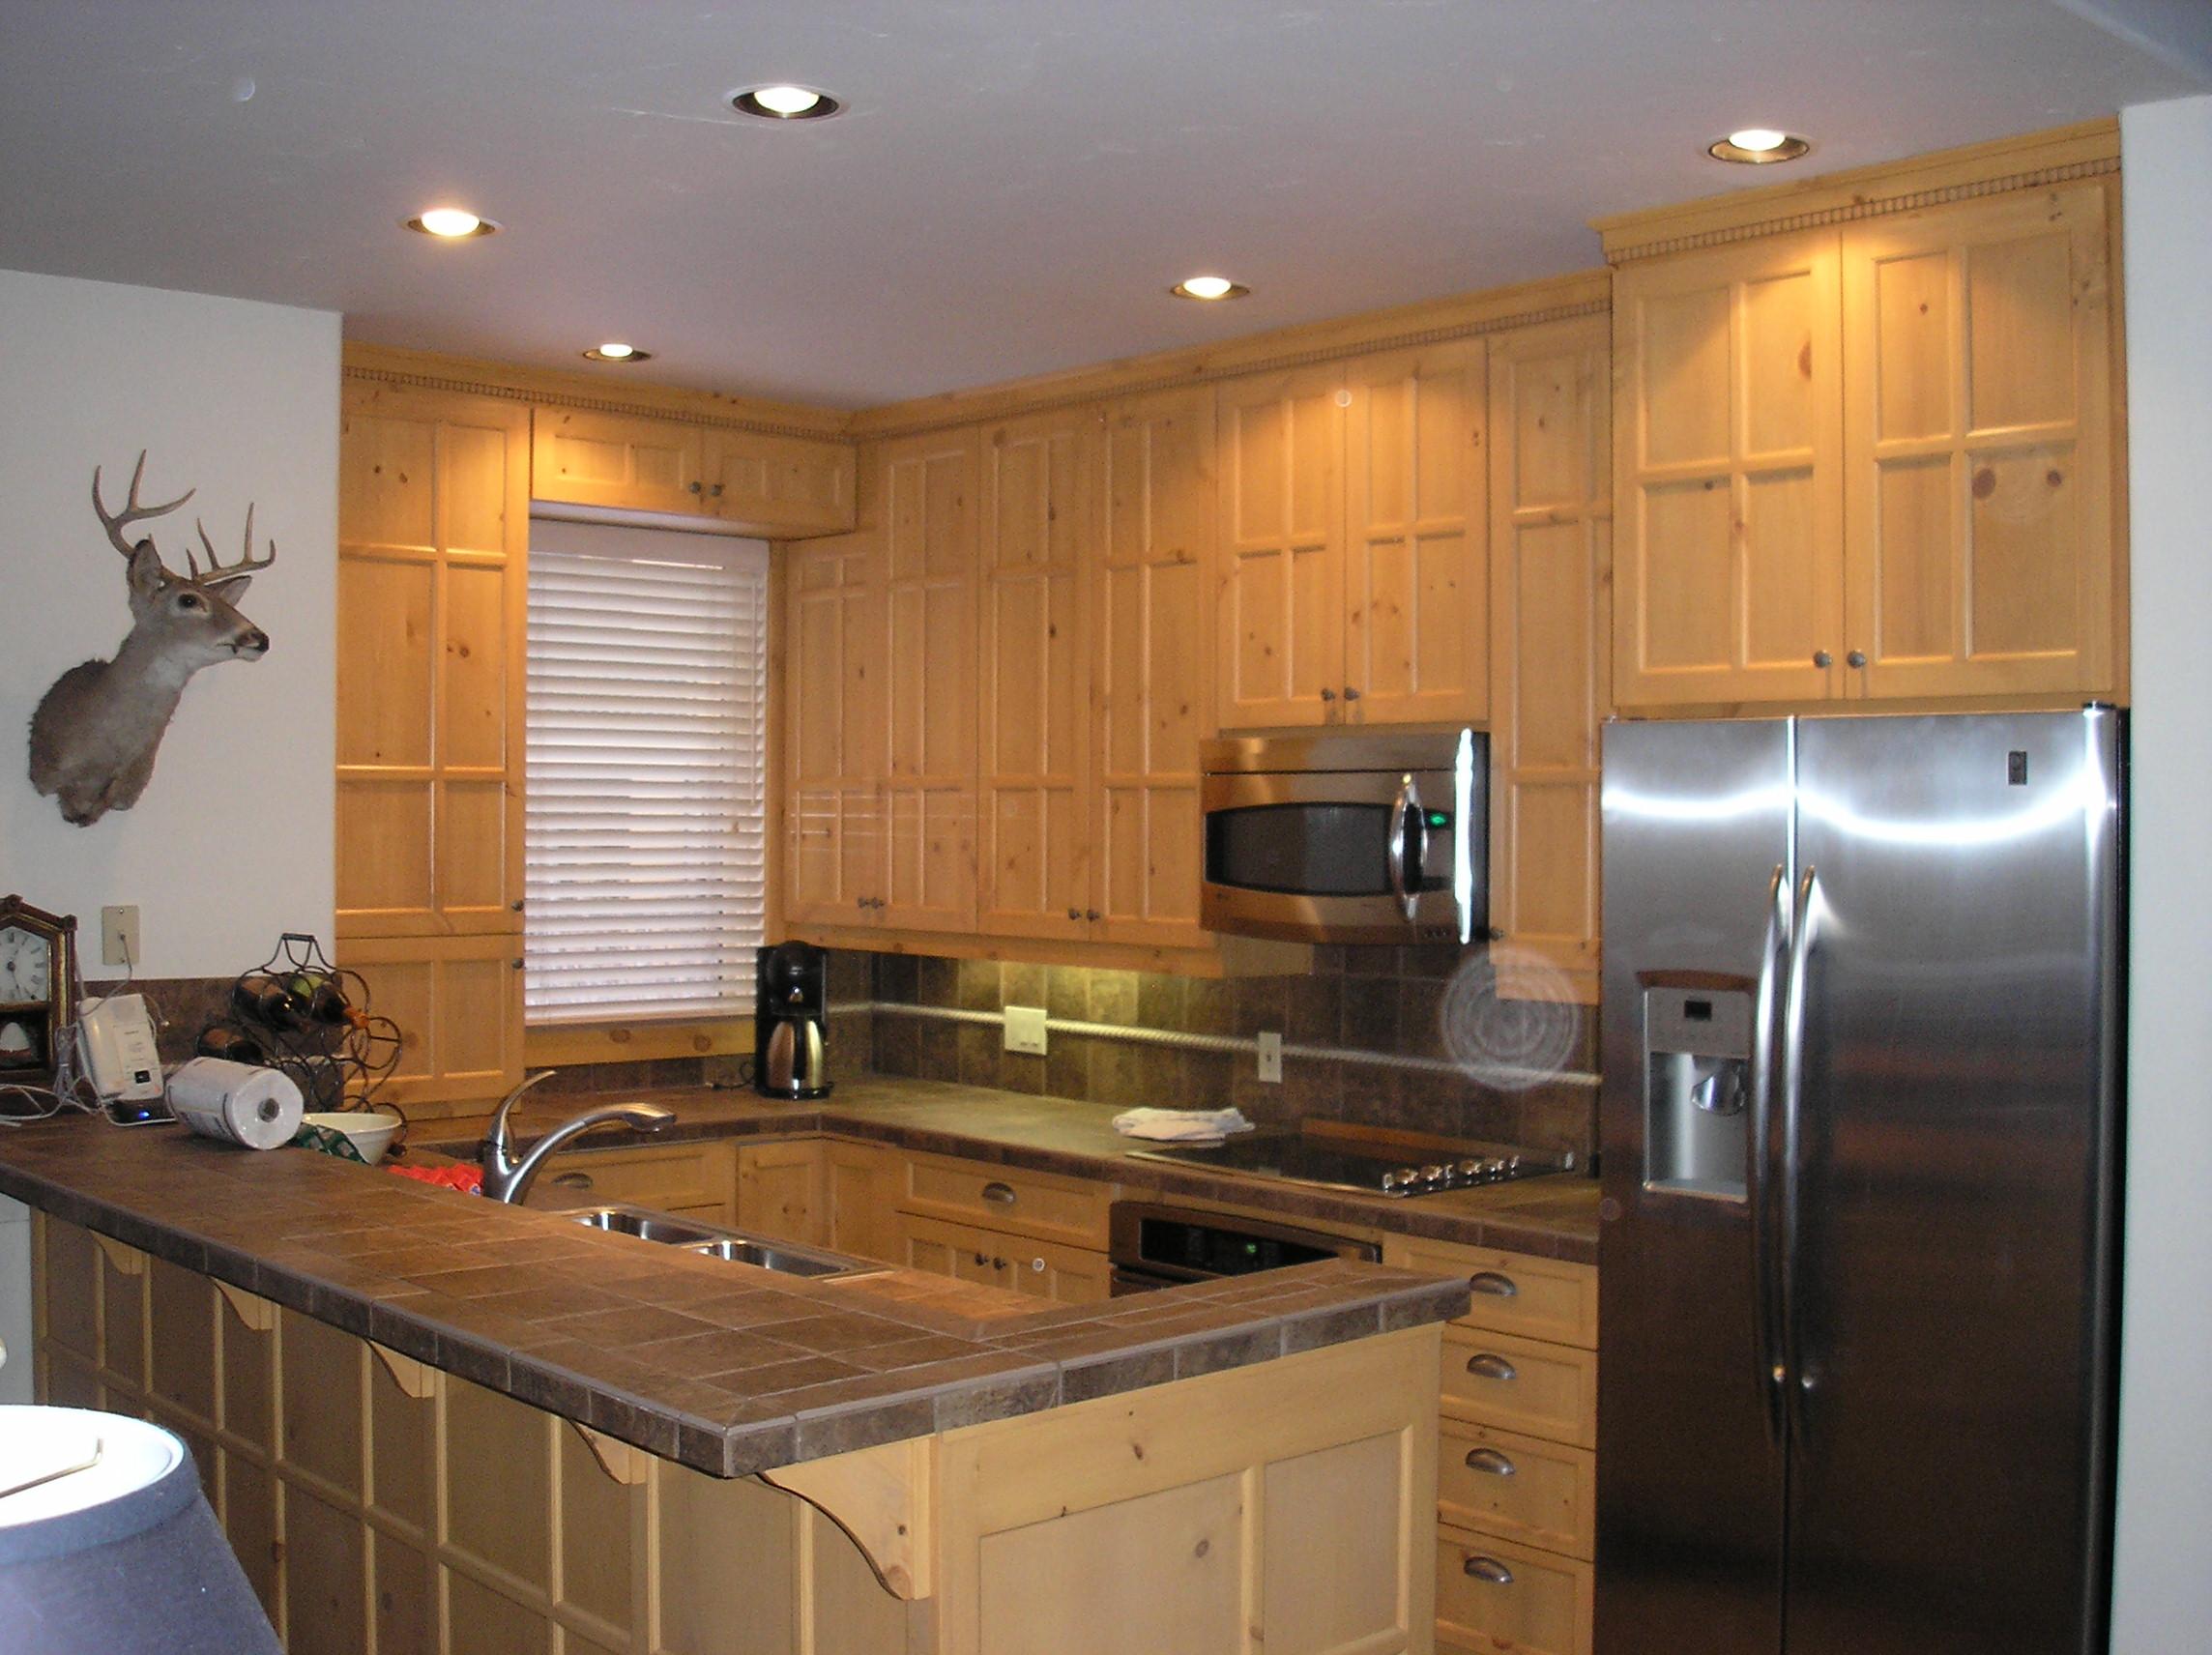 Keystone kitchen 3.JPG